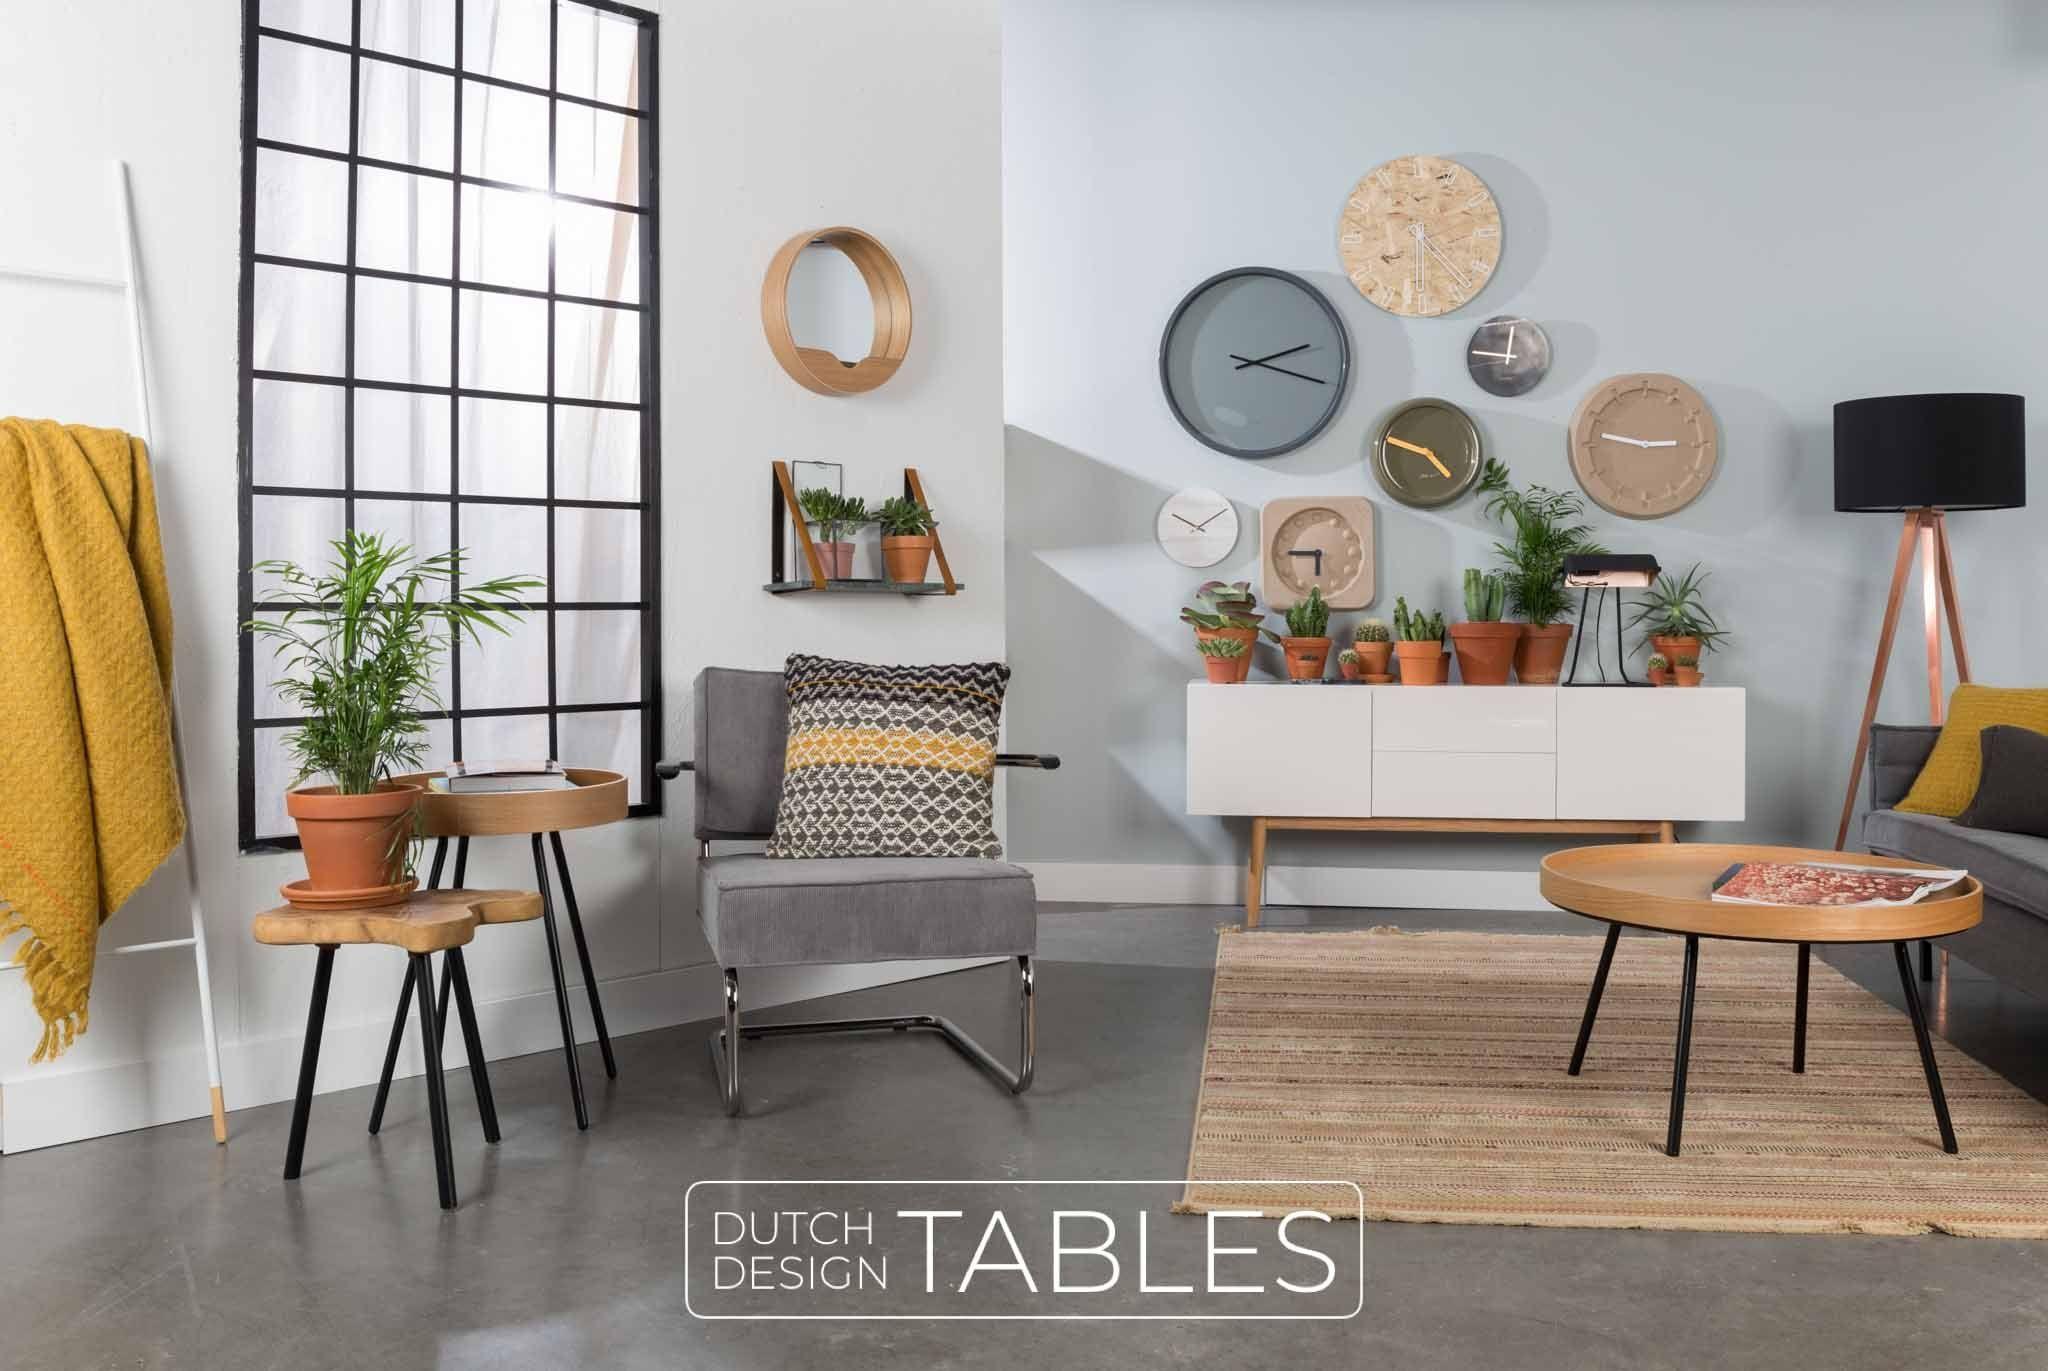 Dutch design tables vloerkleed zuiver nepal. breng het